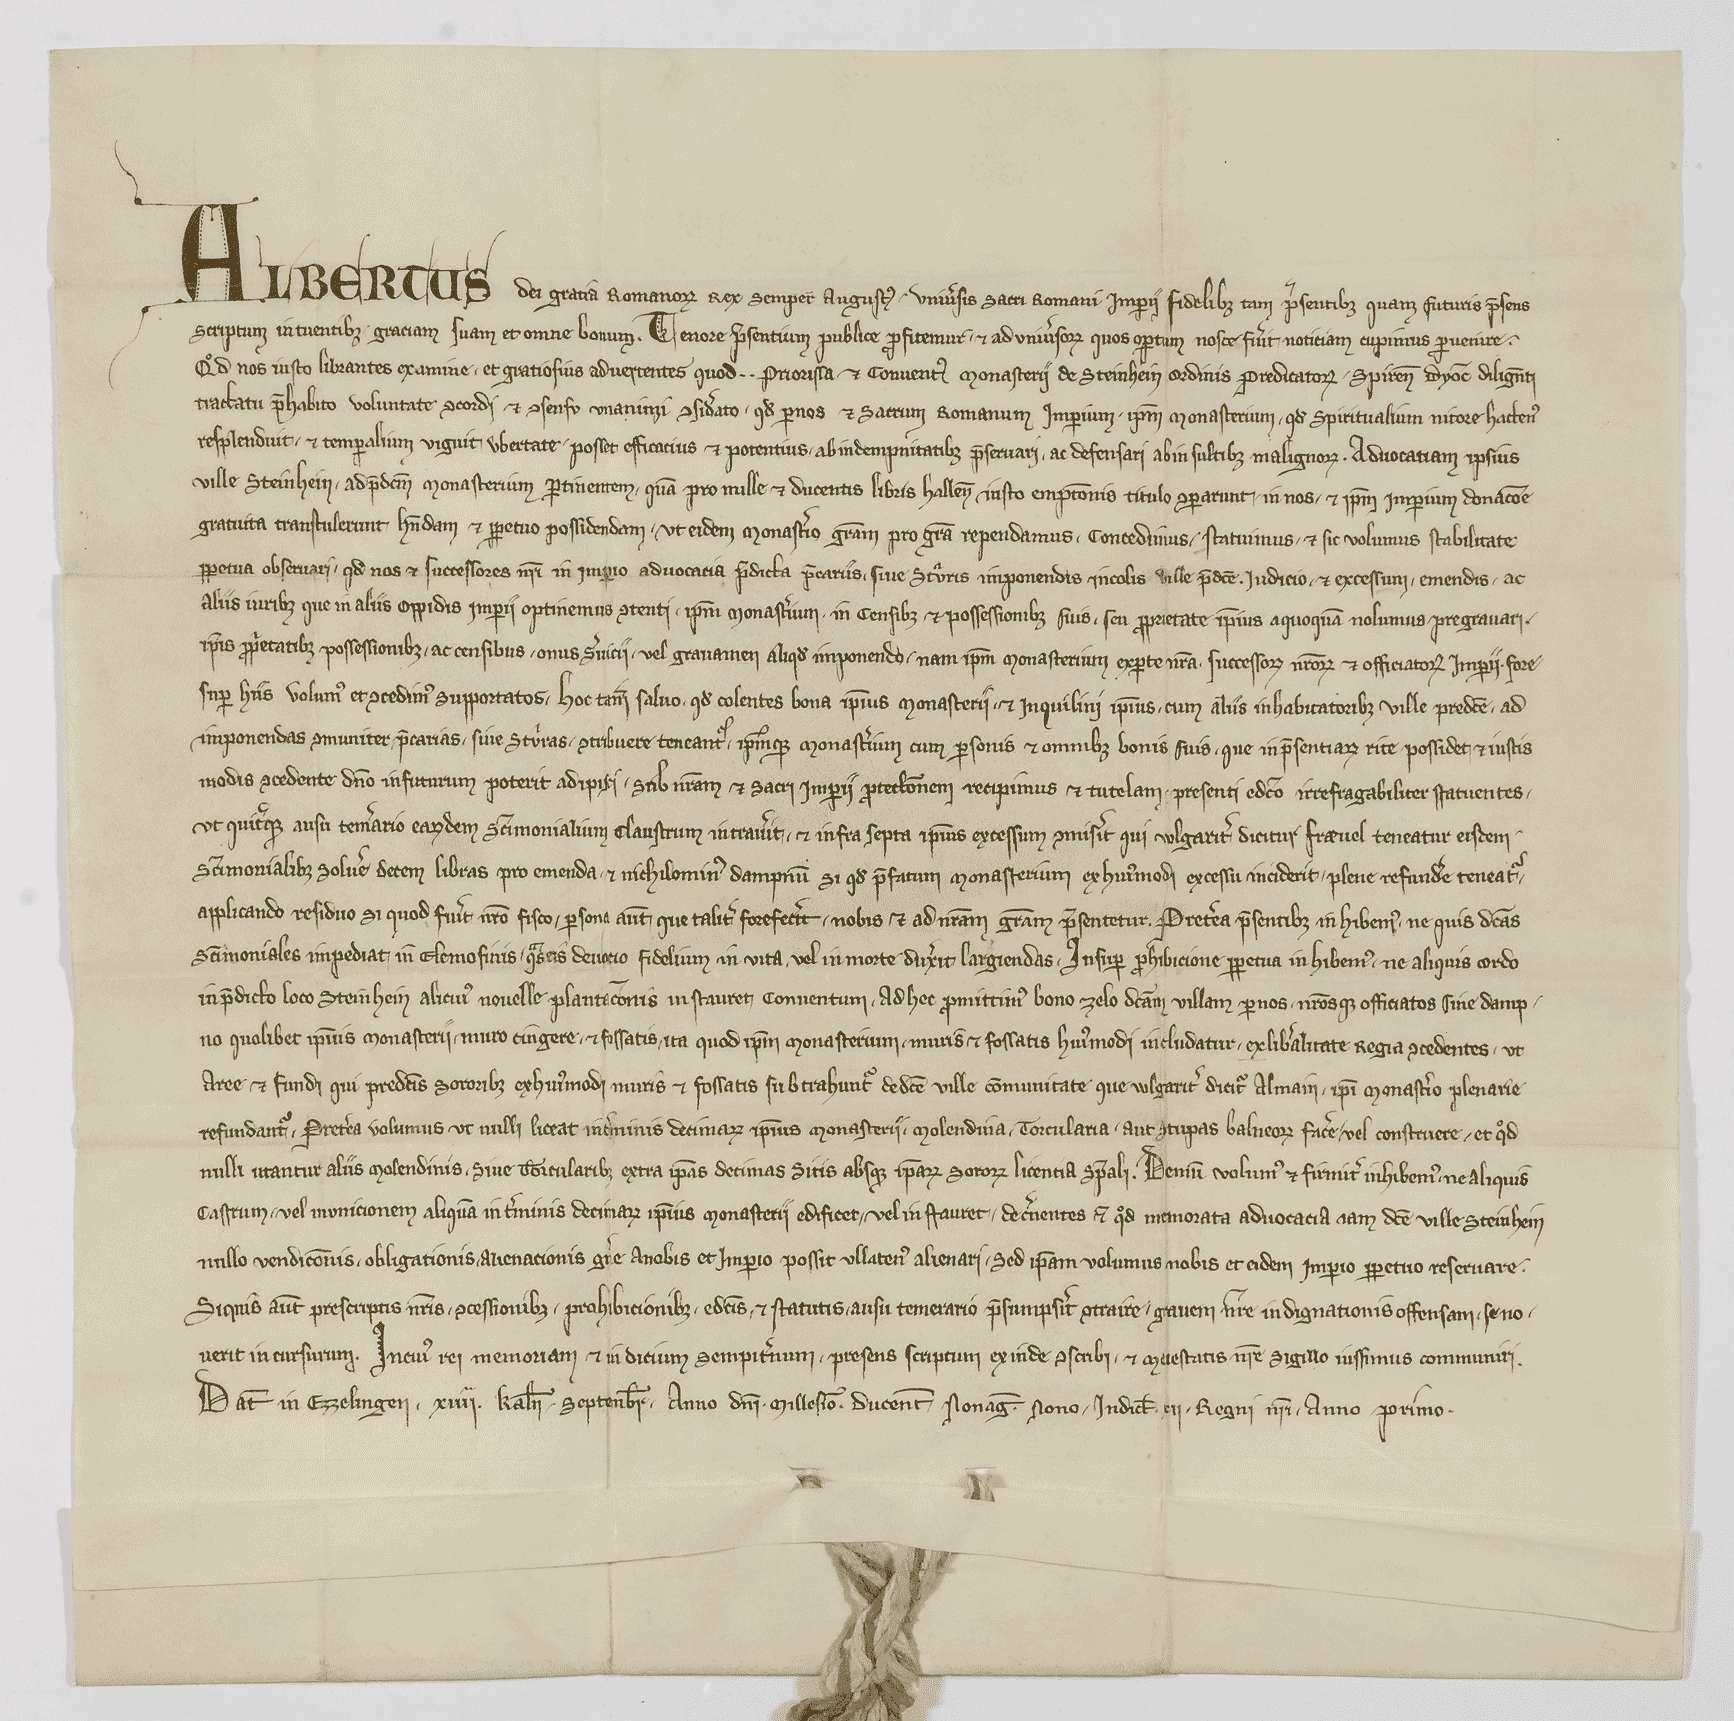 König Albrecht übernimmt die Vogtei des Klosters Steinheim und setzt seine und des Klosters Rechte fest., Bild 1